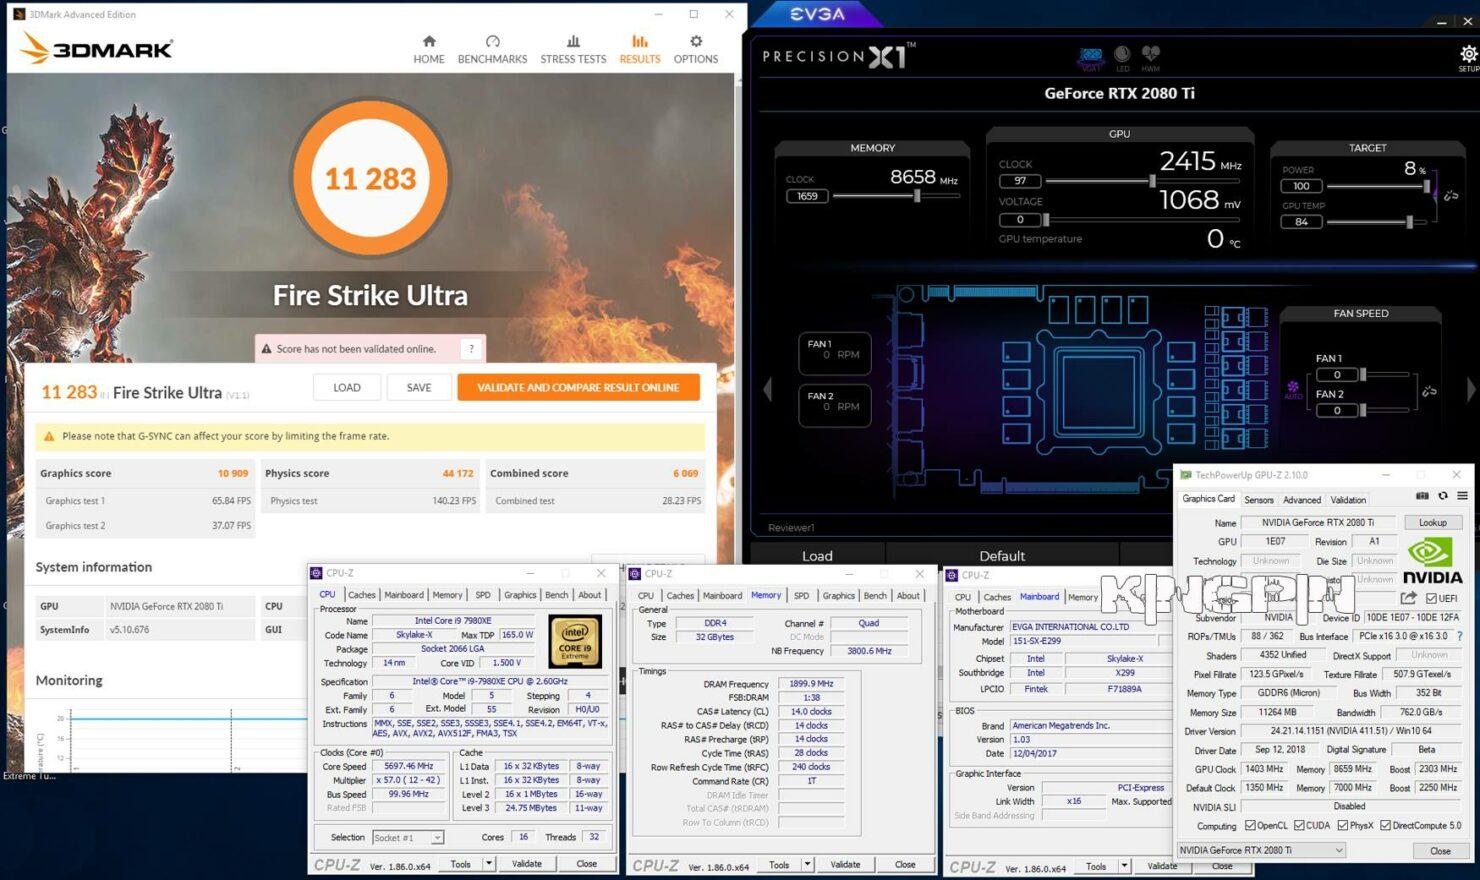 nvidia-geforce-rtx-2080-ti_oc_ln2_firestrike-ultra